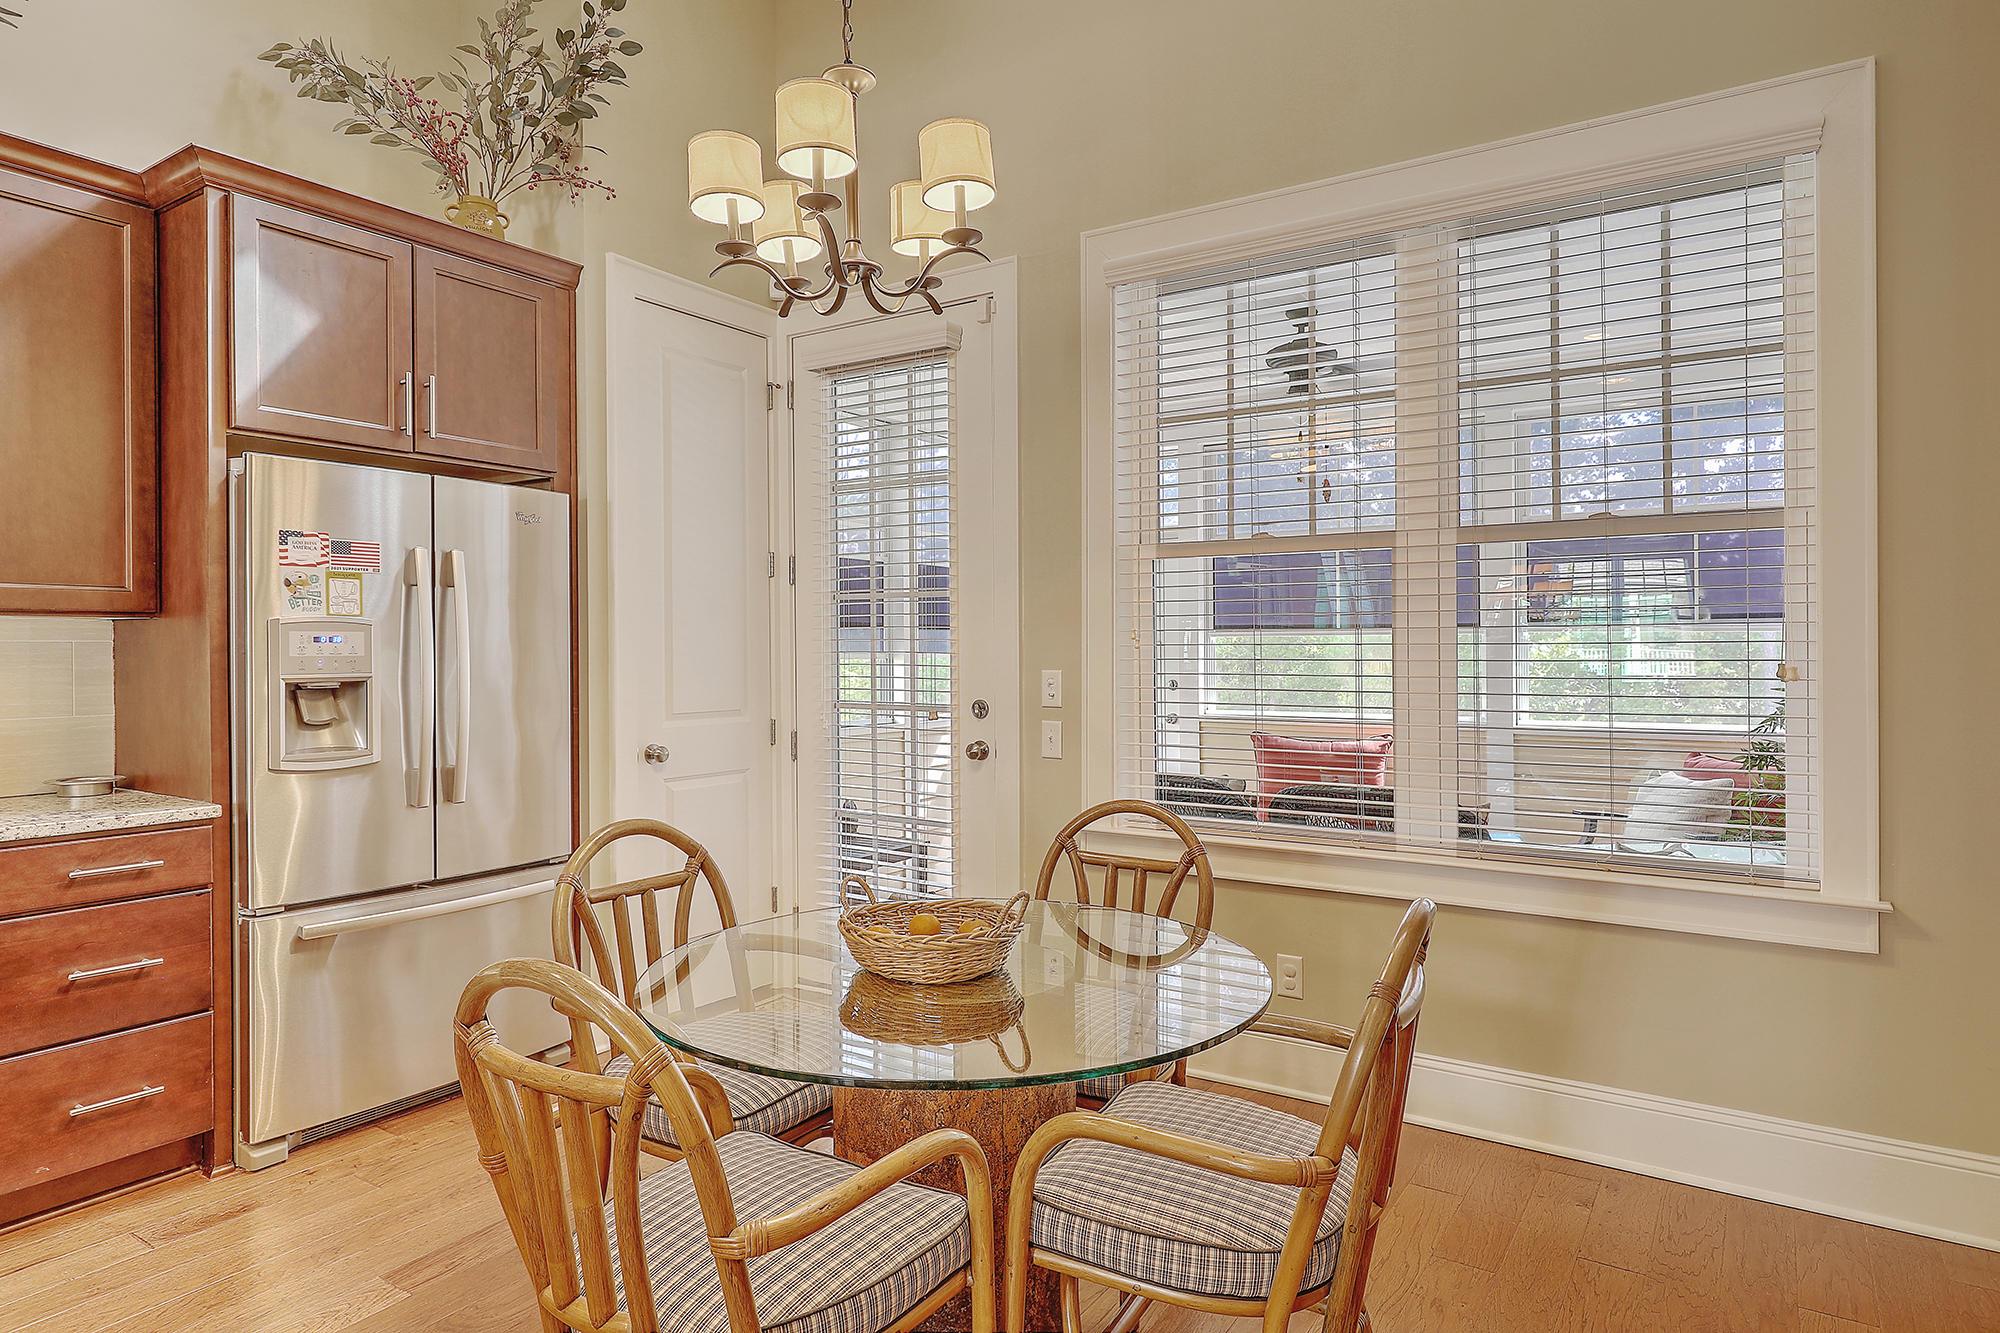 Dunes West Homes For Sale - 3171 Sturbridge, Mount Pleasant, SC - 31